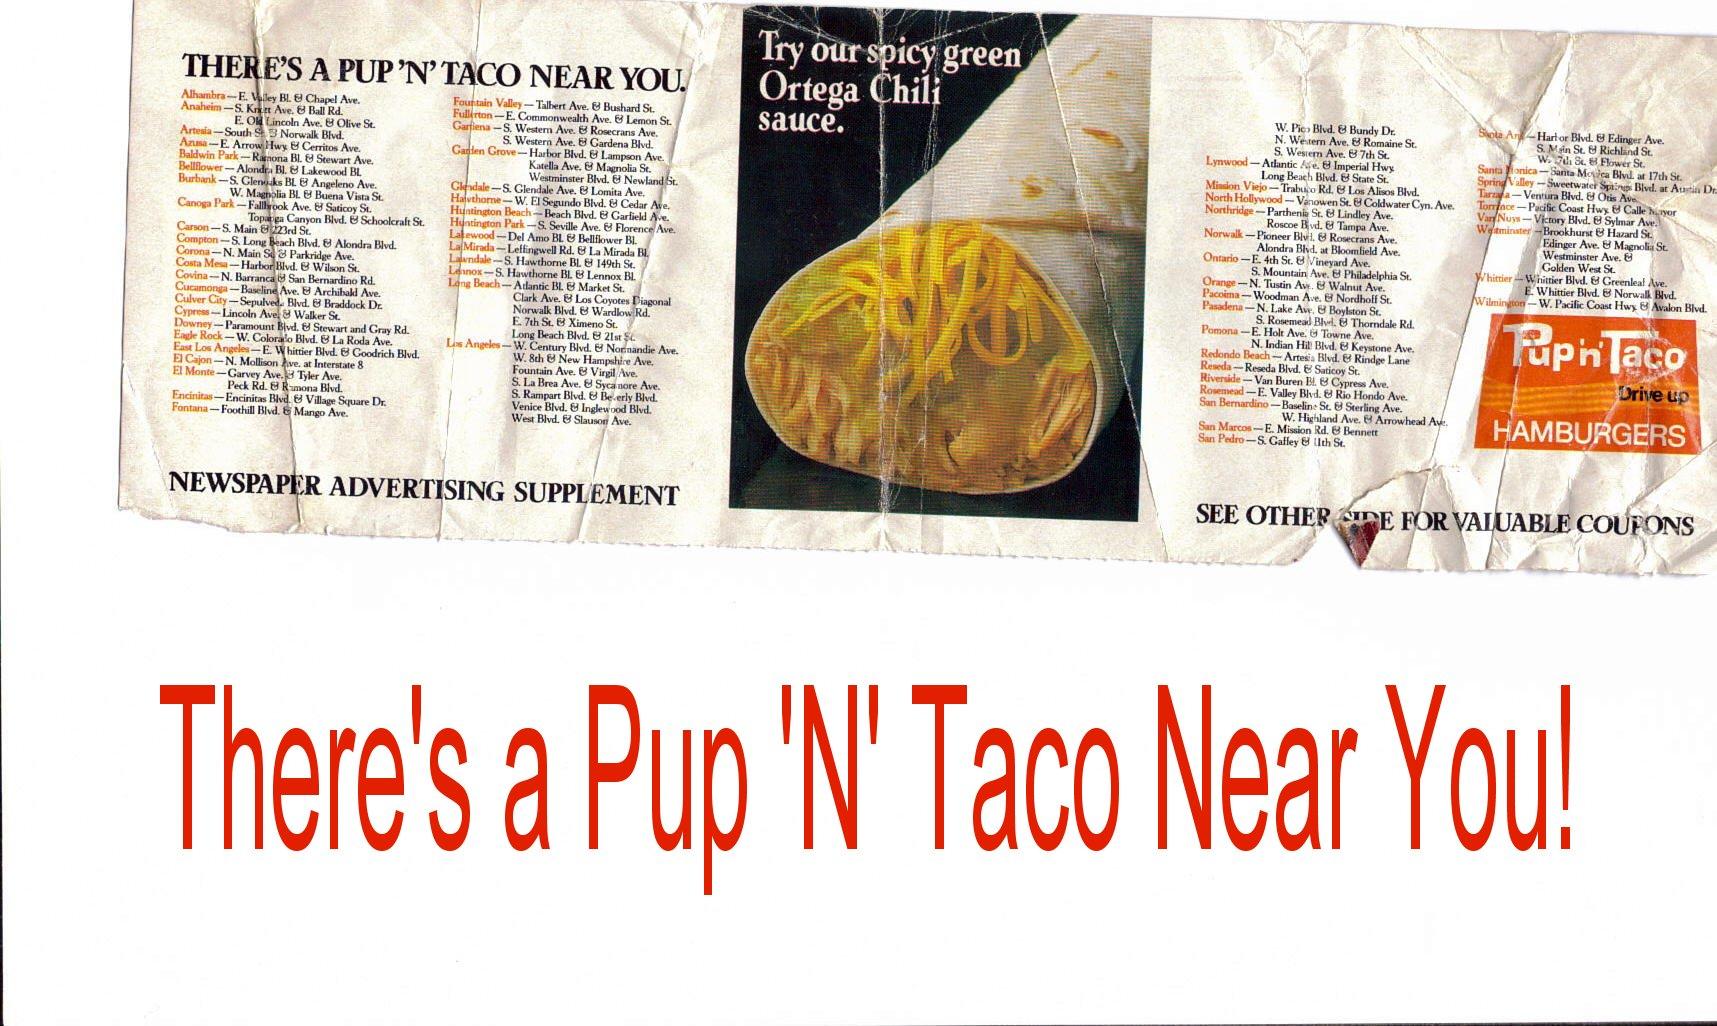 pup taco near google